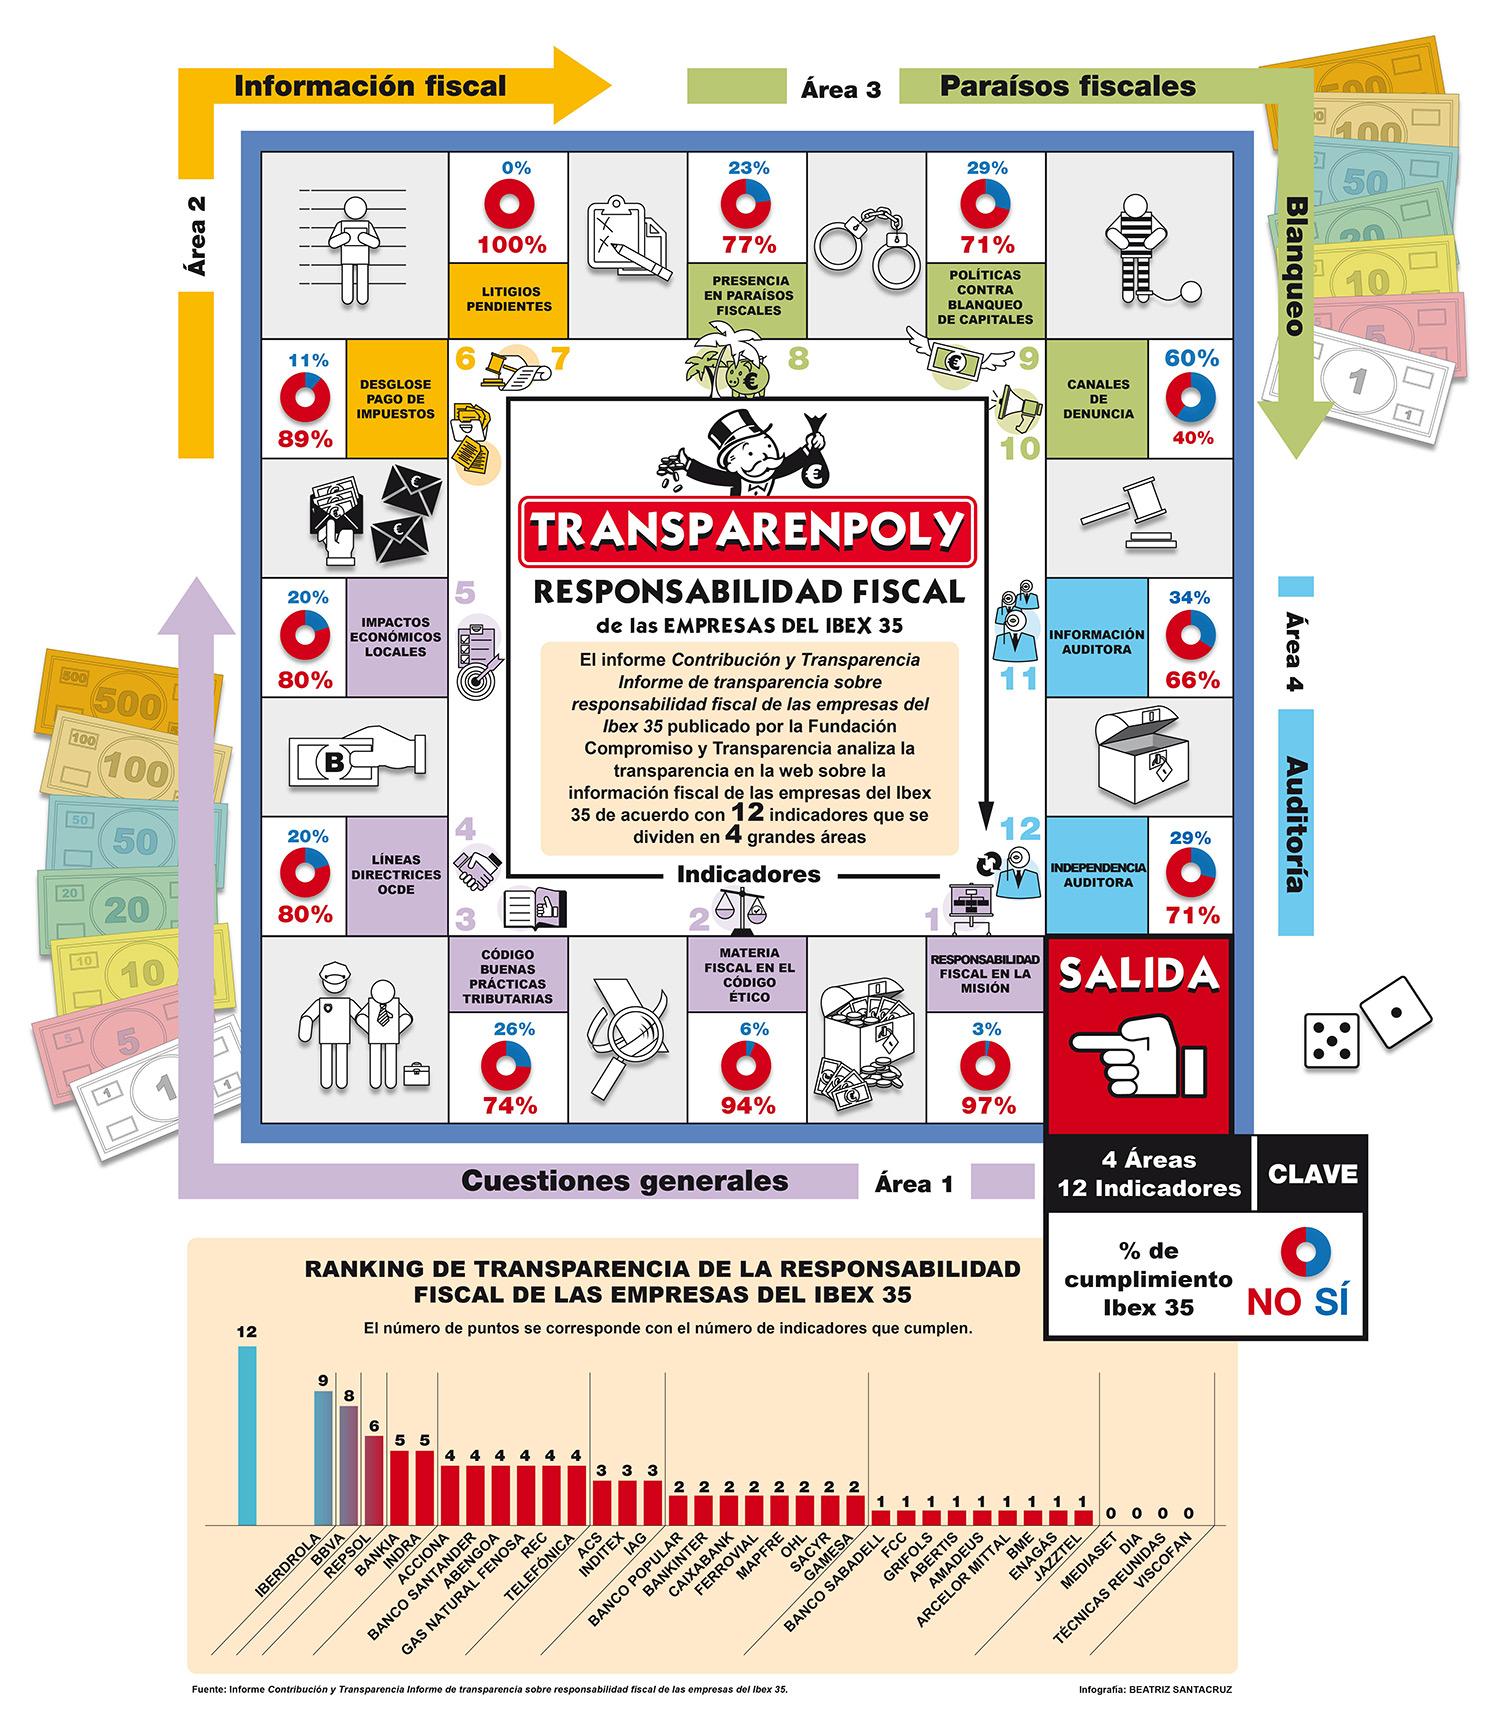 Transparenpoly-informe-responsabilidad-fiscal